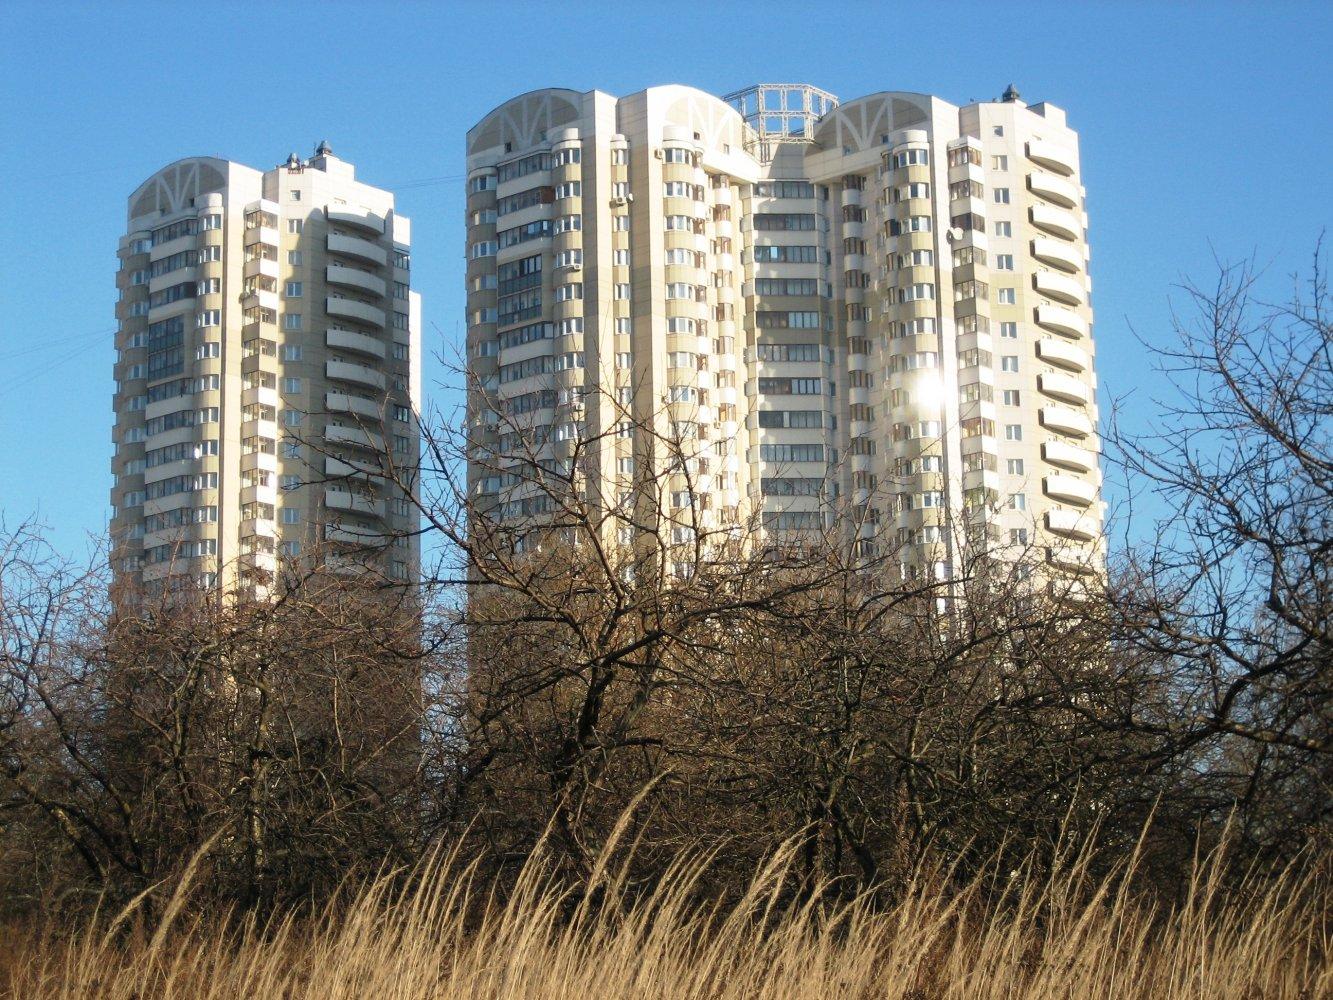 Фото Так выглядит этот комплекс с западной стороны. Россия, город Москва, Каширское шоссе, 148